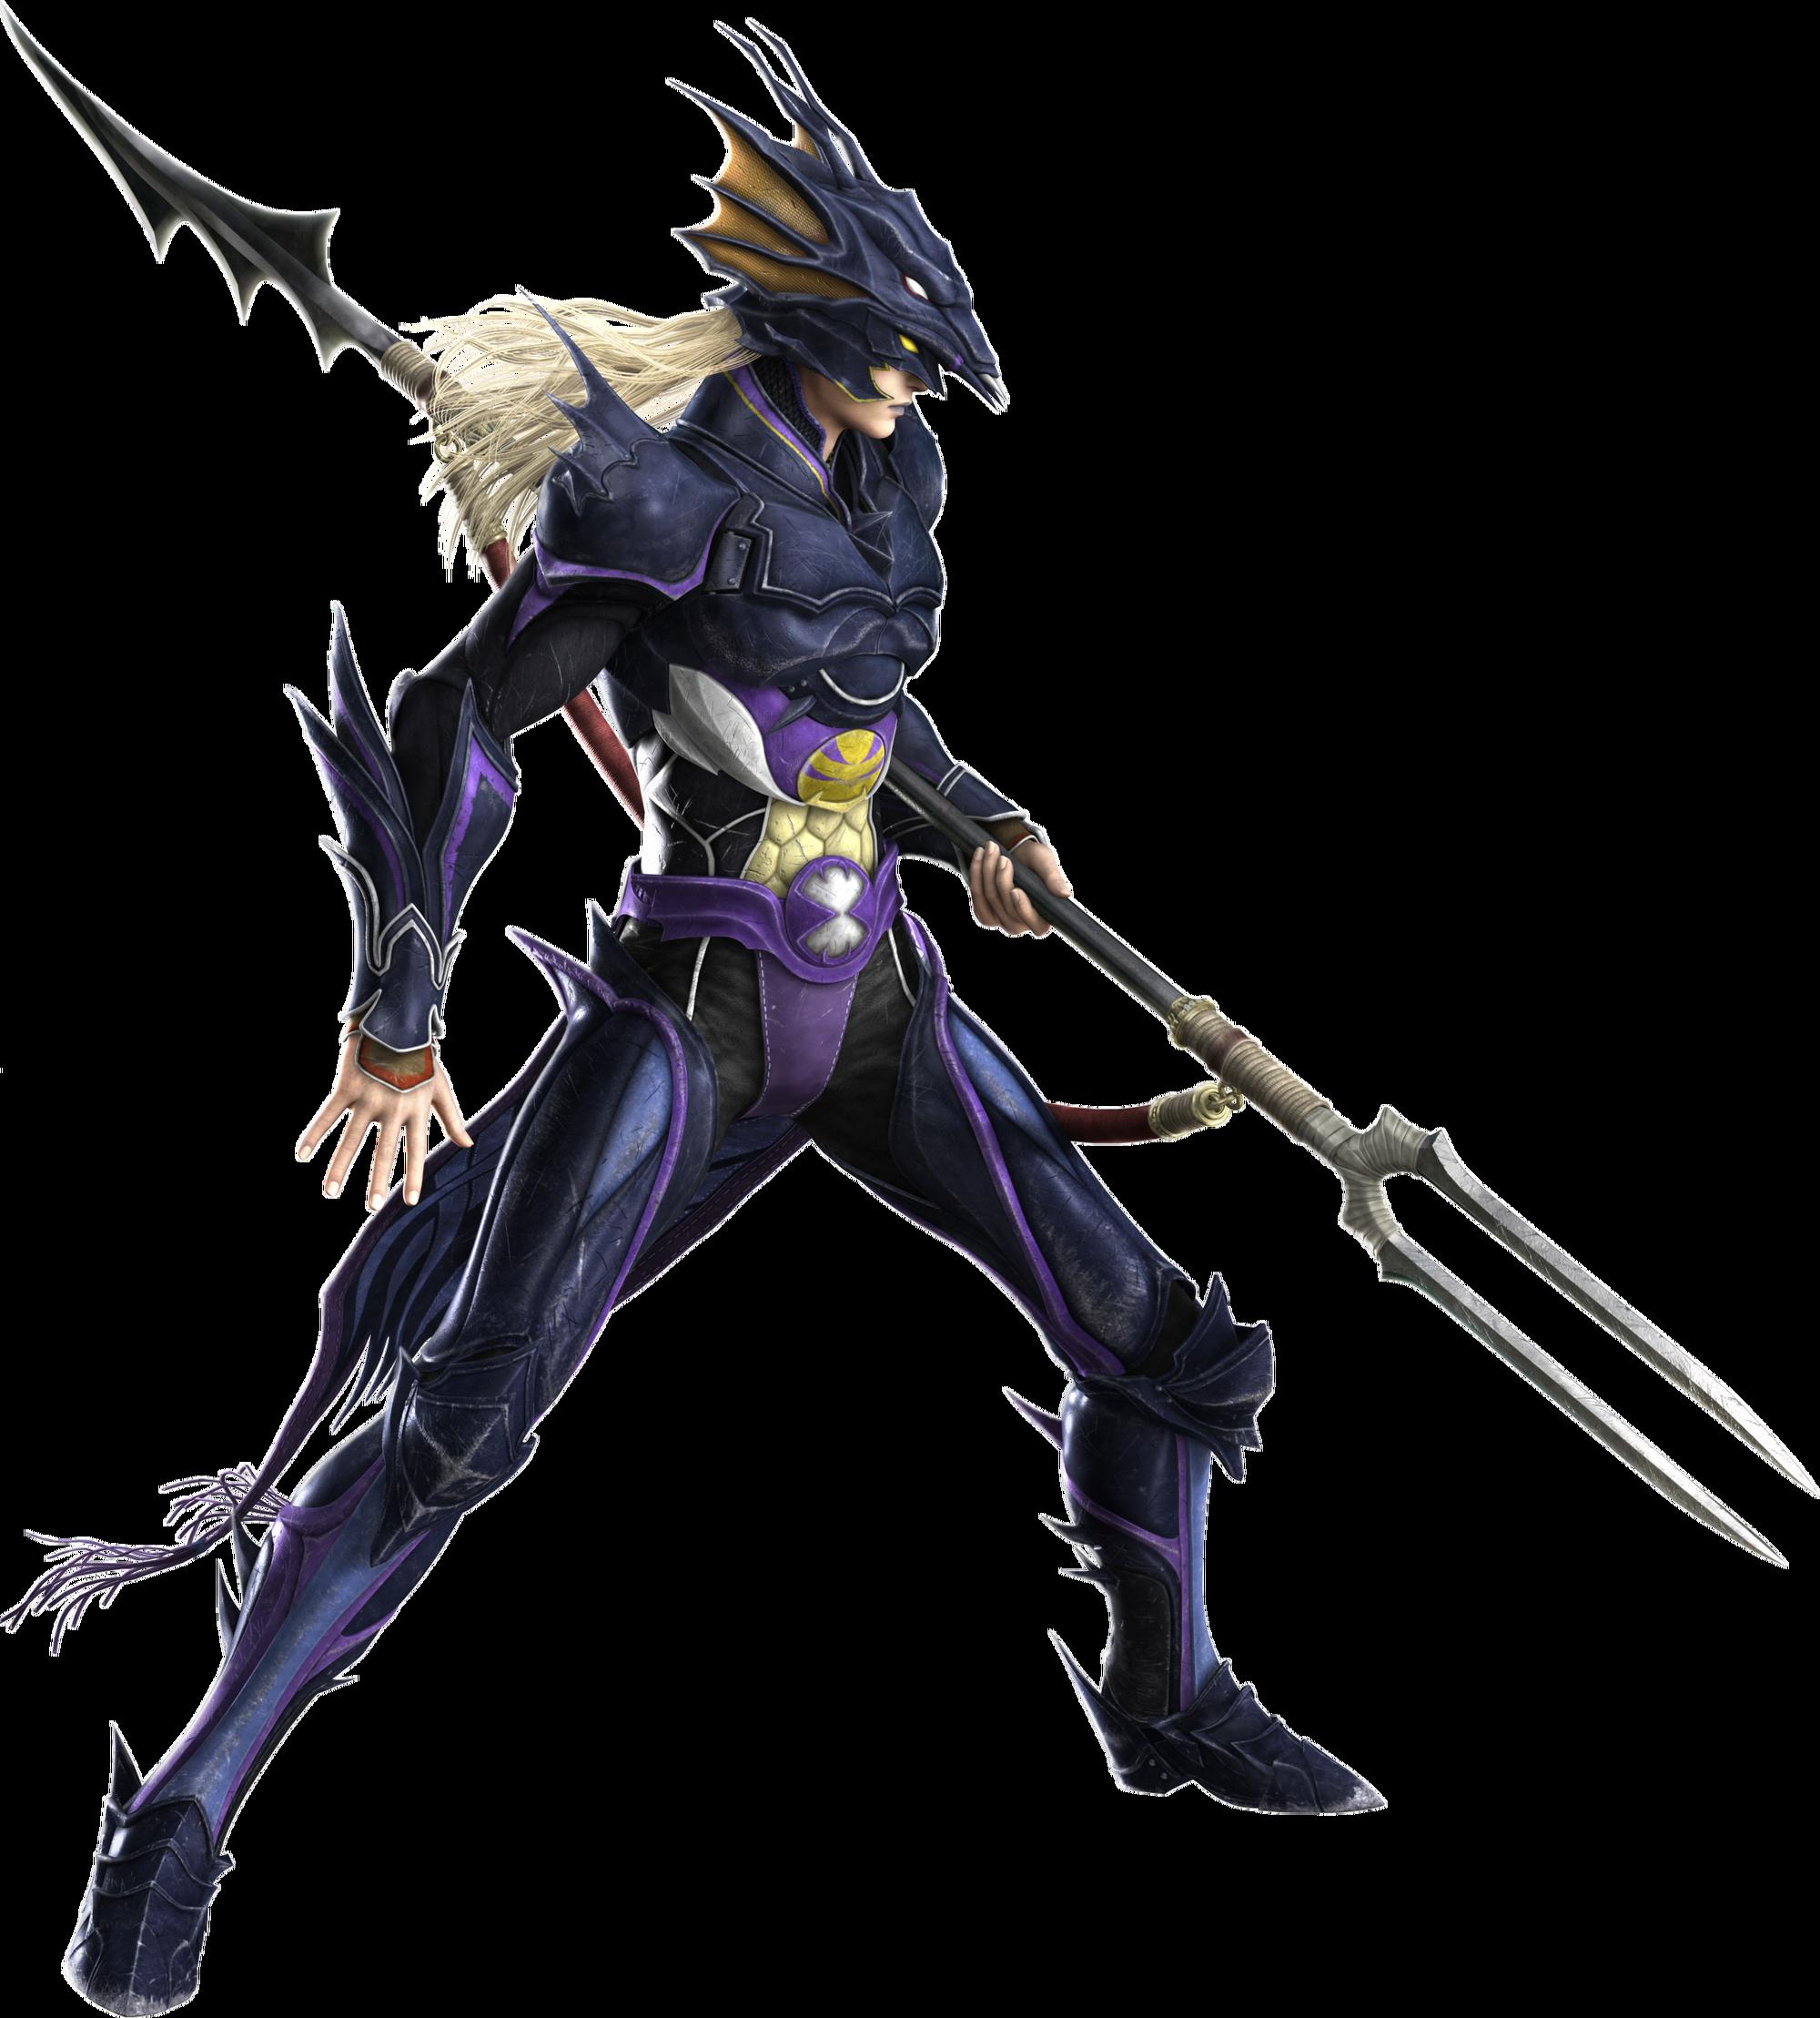 Dragoon (job) | Final Fantasy Wiki | FANDOM powered by Wikia